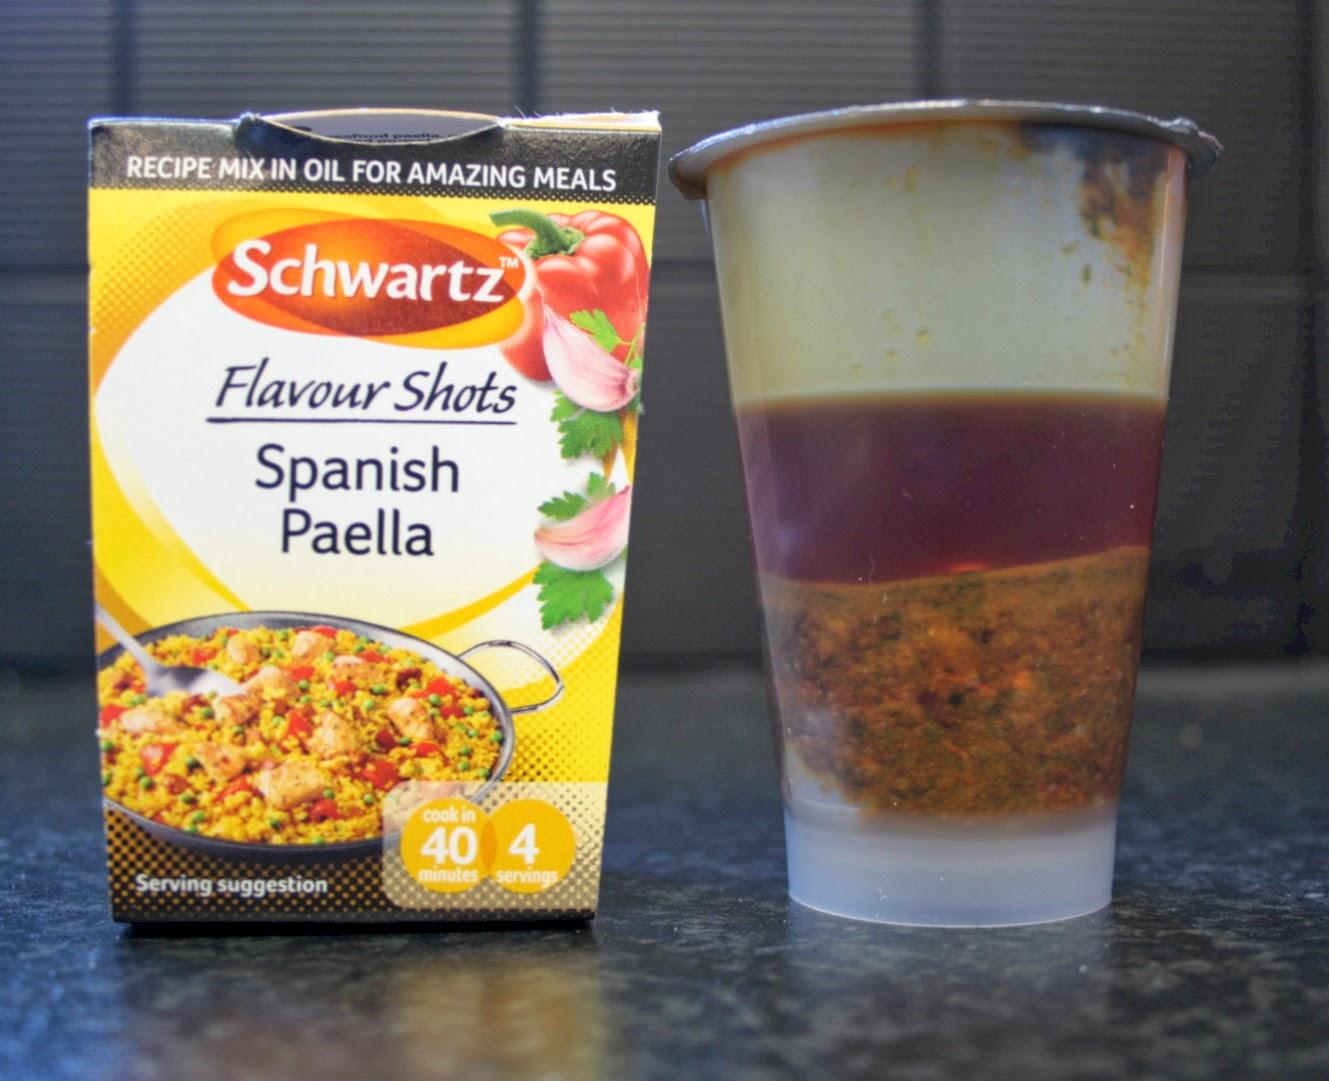 Schwartz Spanish Paella Flavour Shot - help make dinner quick and easy!